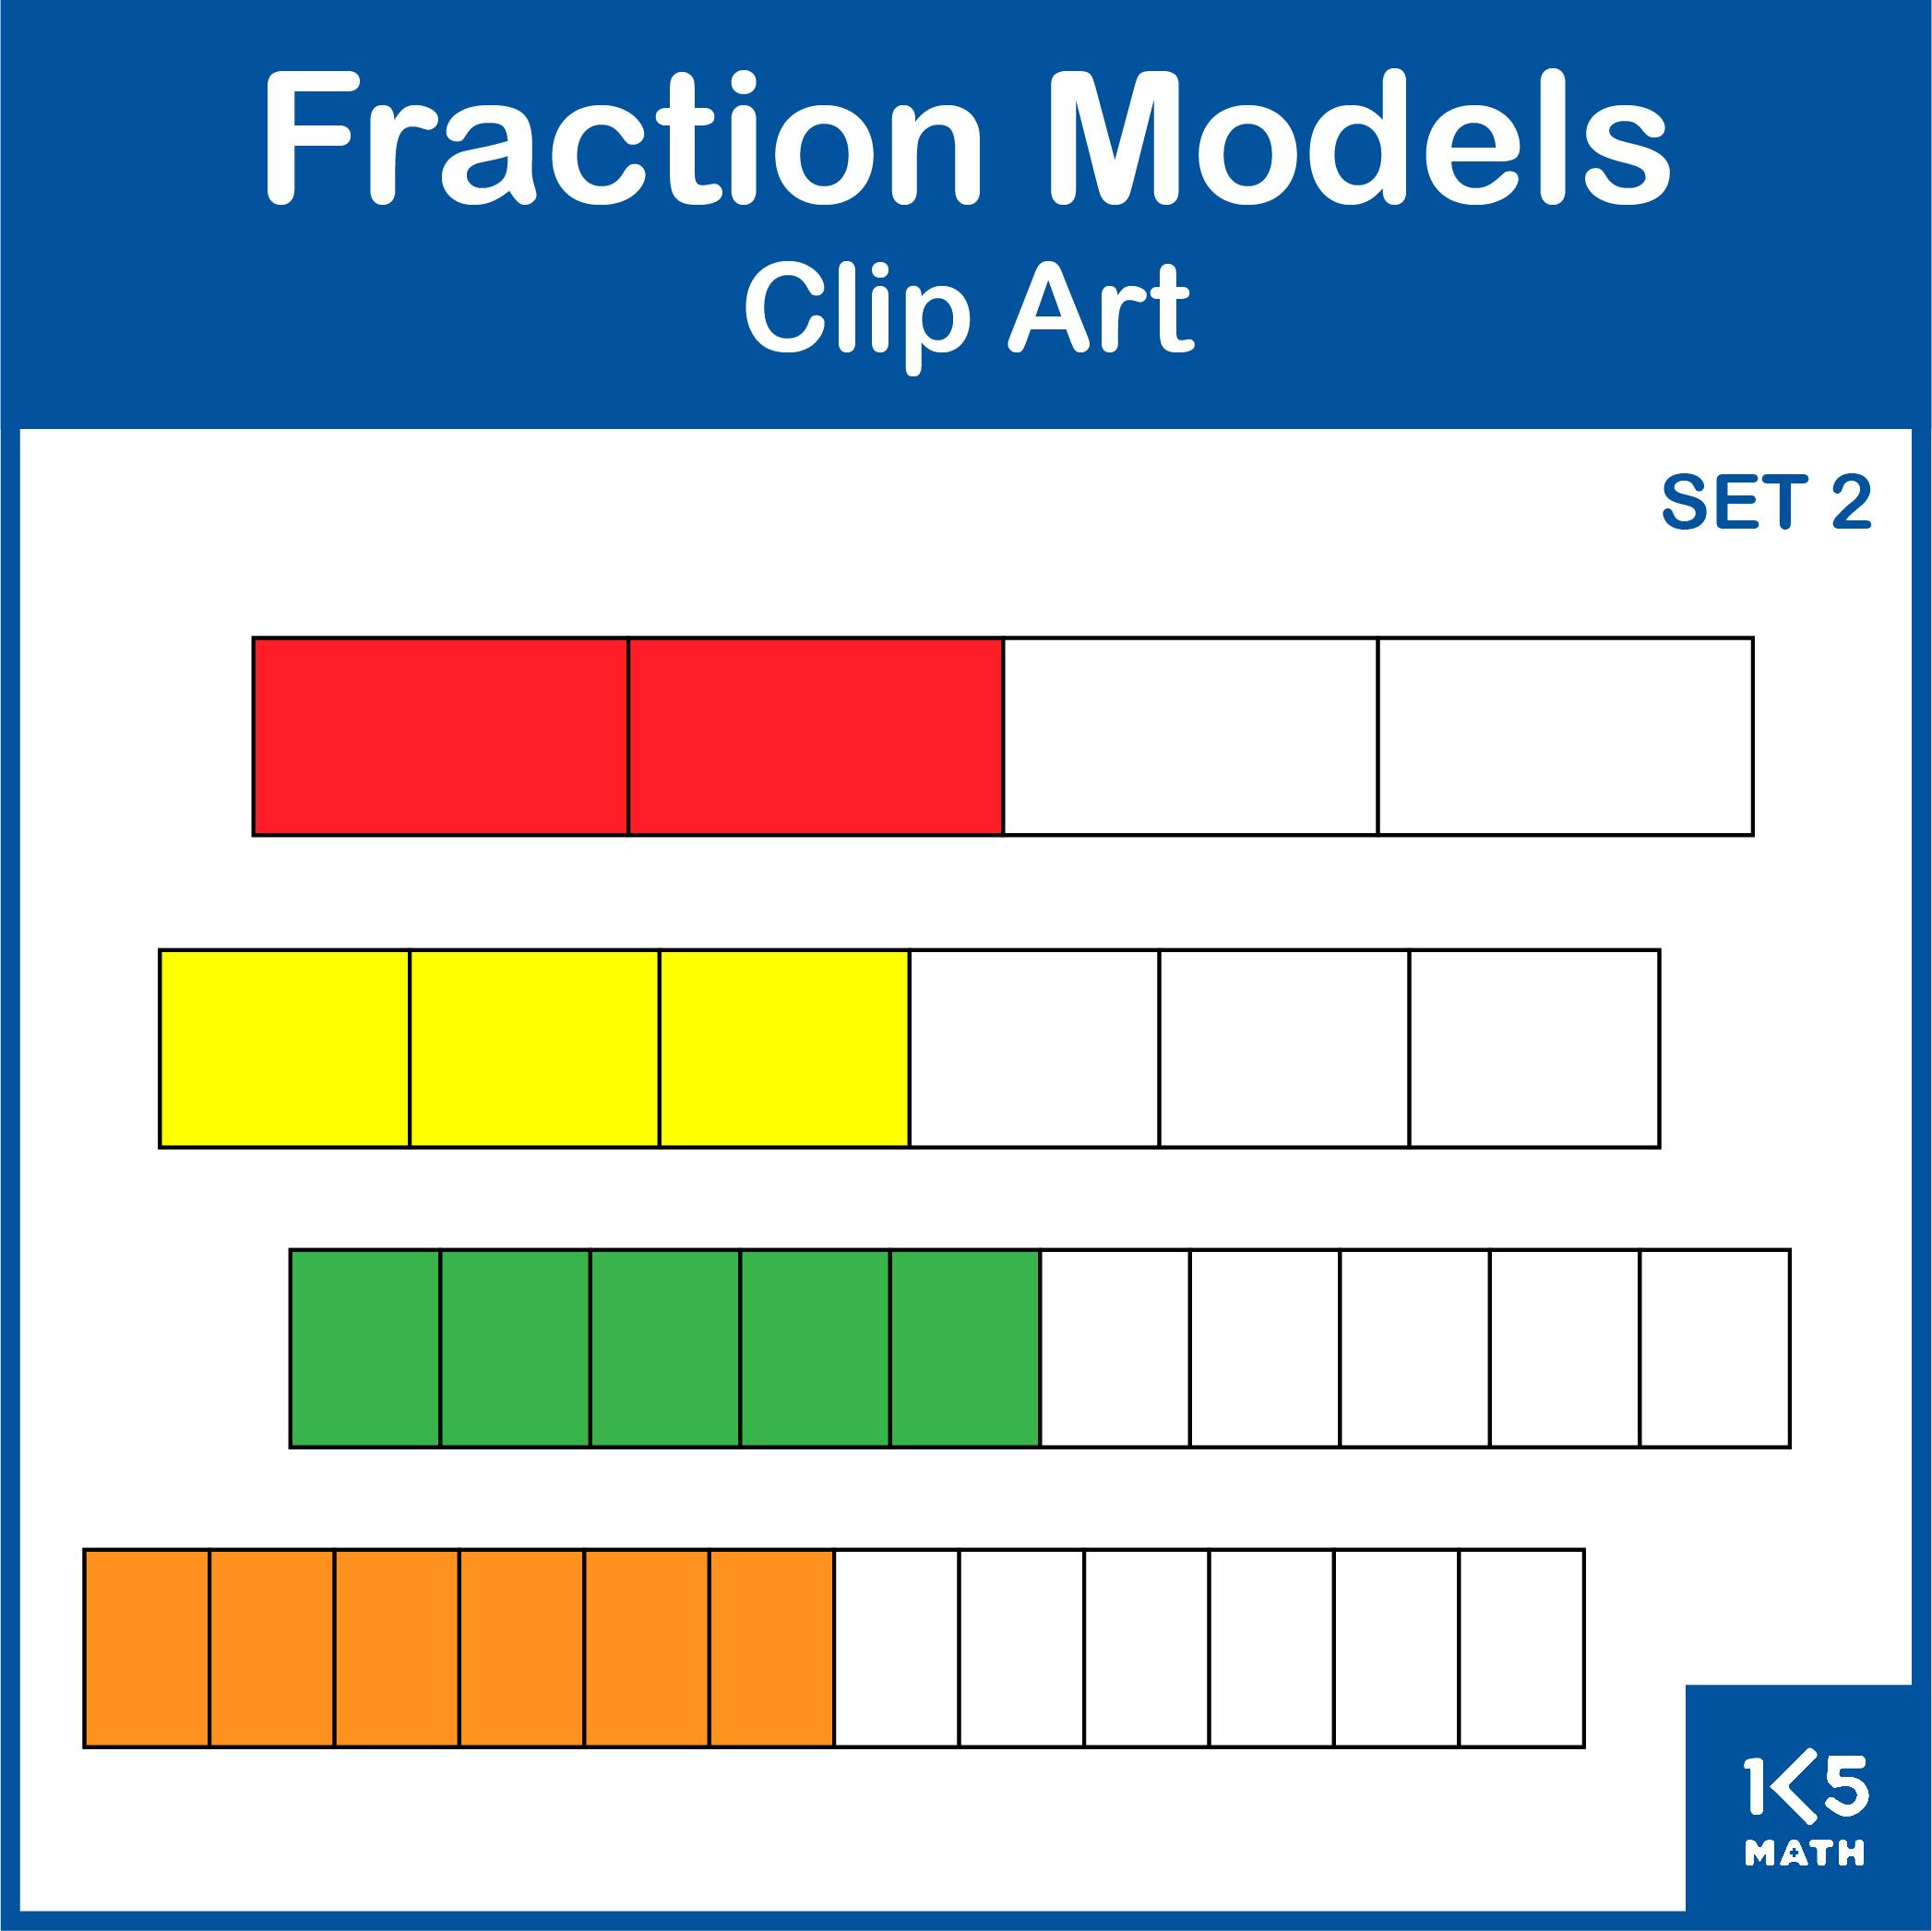 Fraction Models Clip Art Set 2